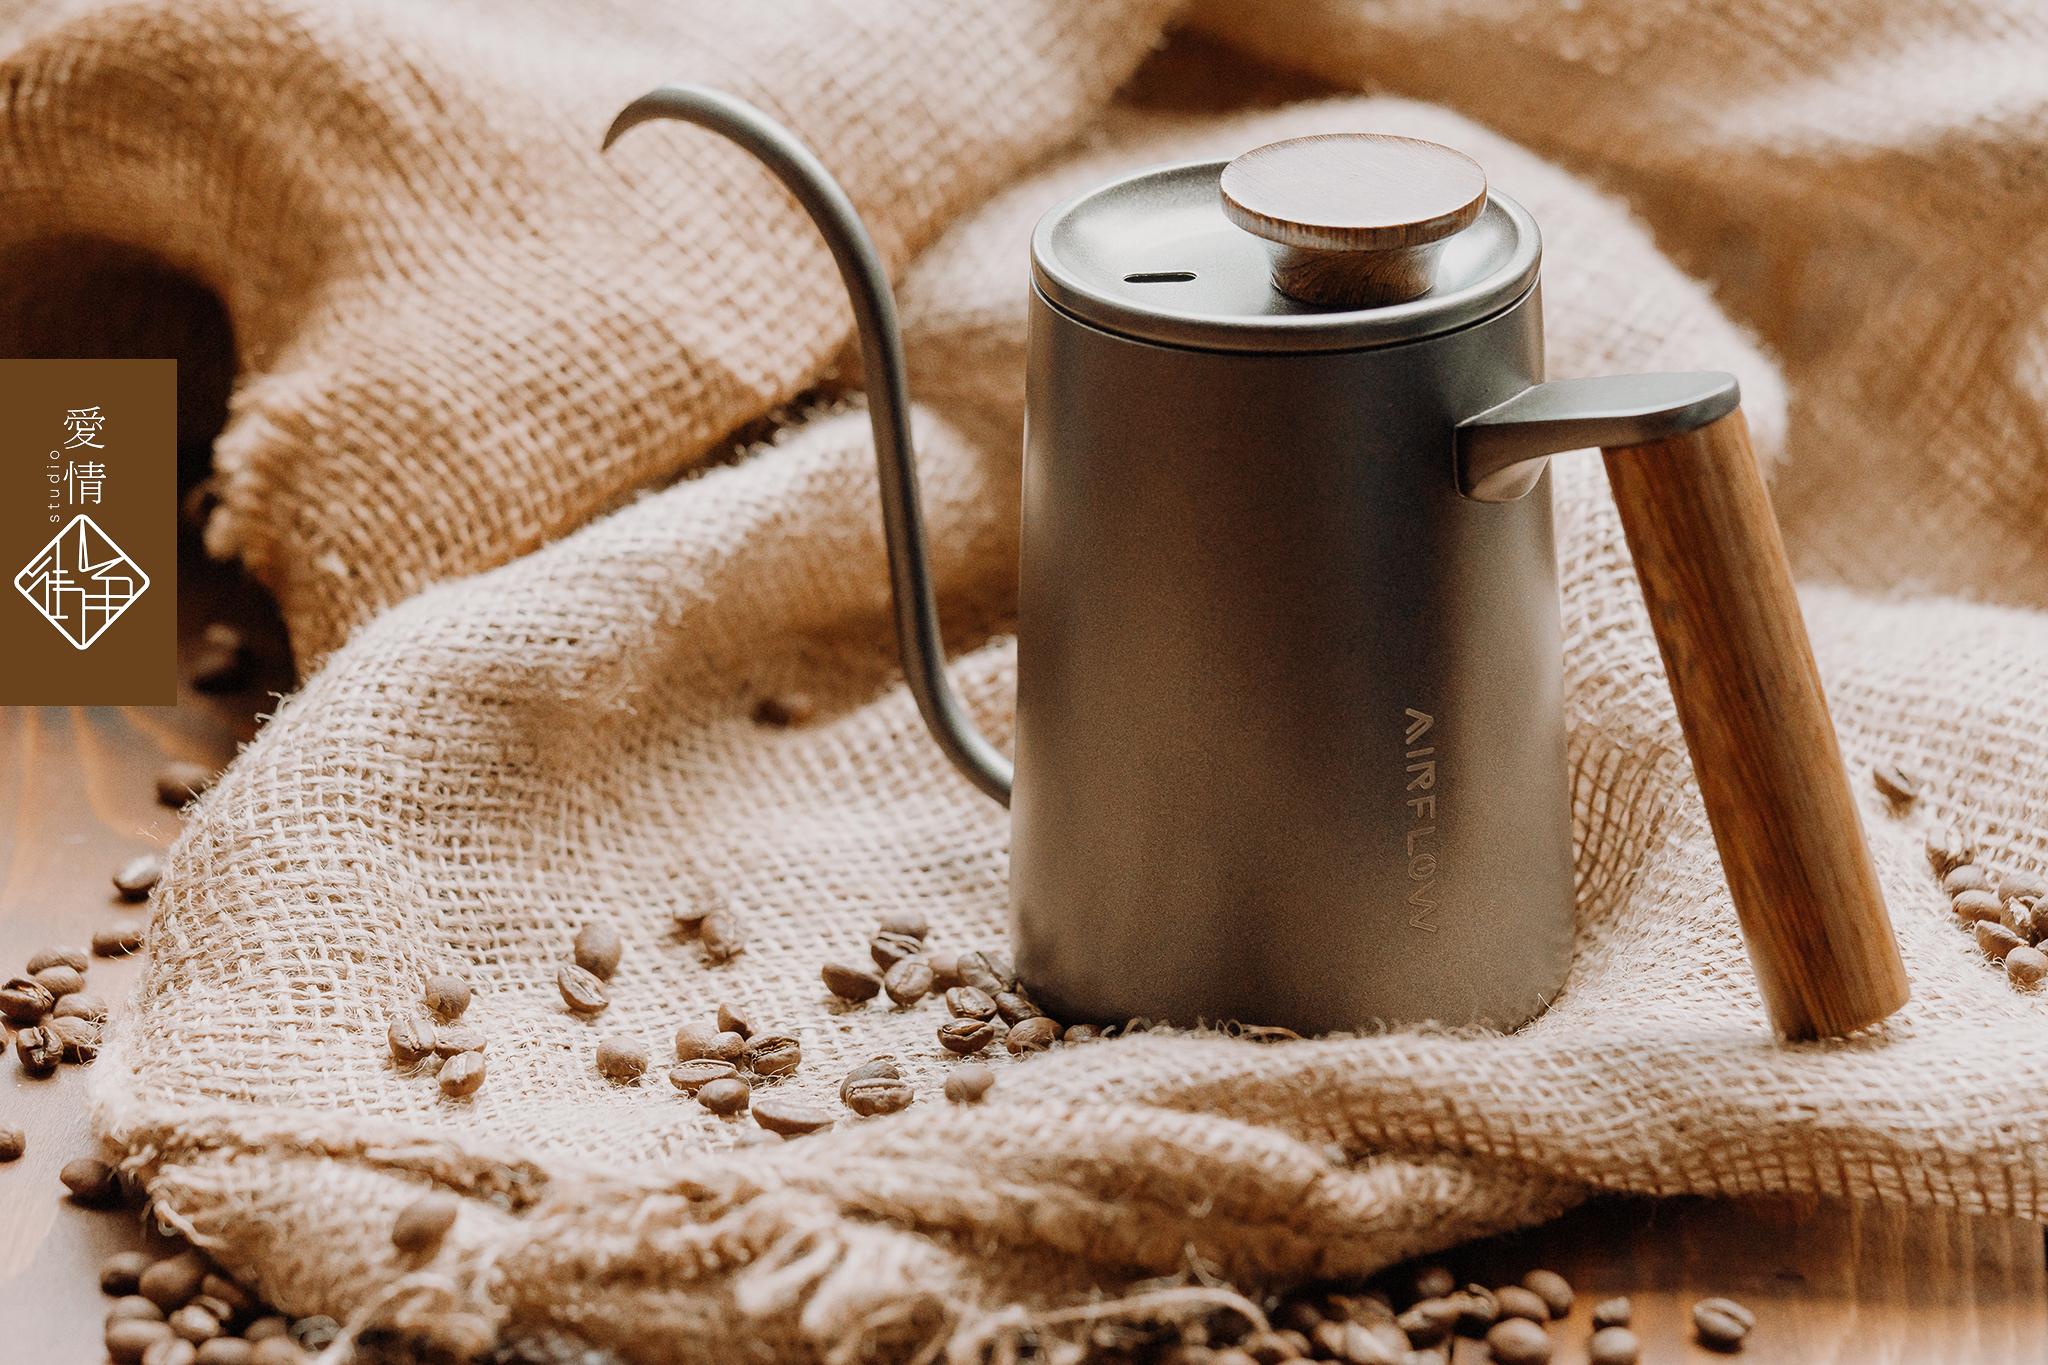 飲品攝影|Coffee Room 咖啡倫|嘉義美食攝影|愛